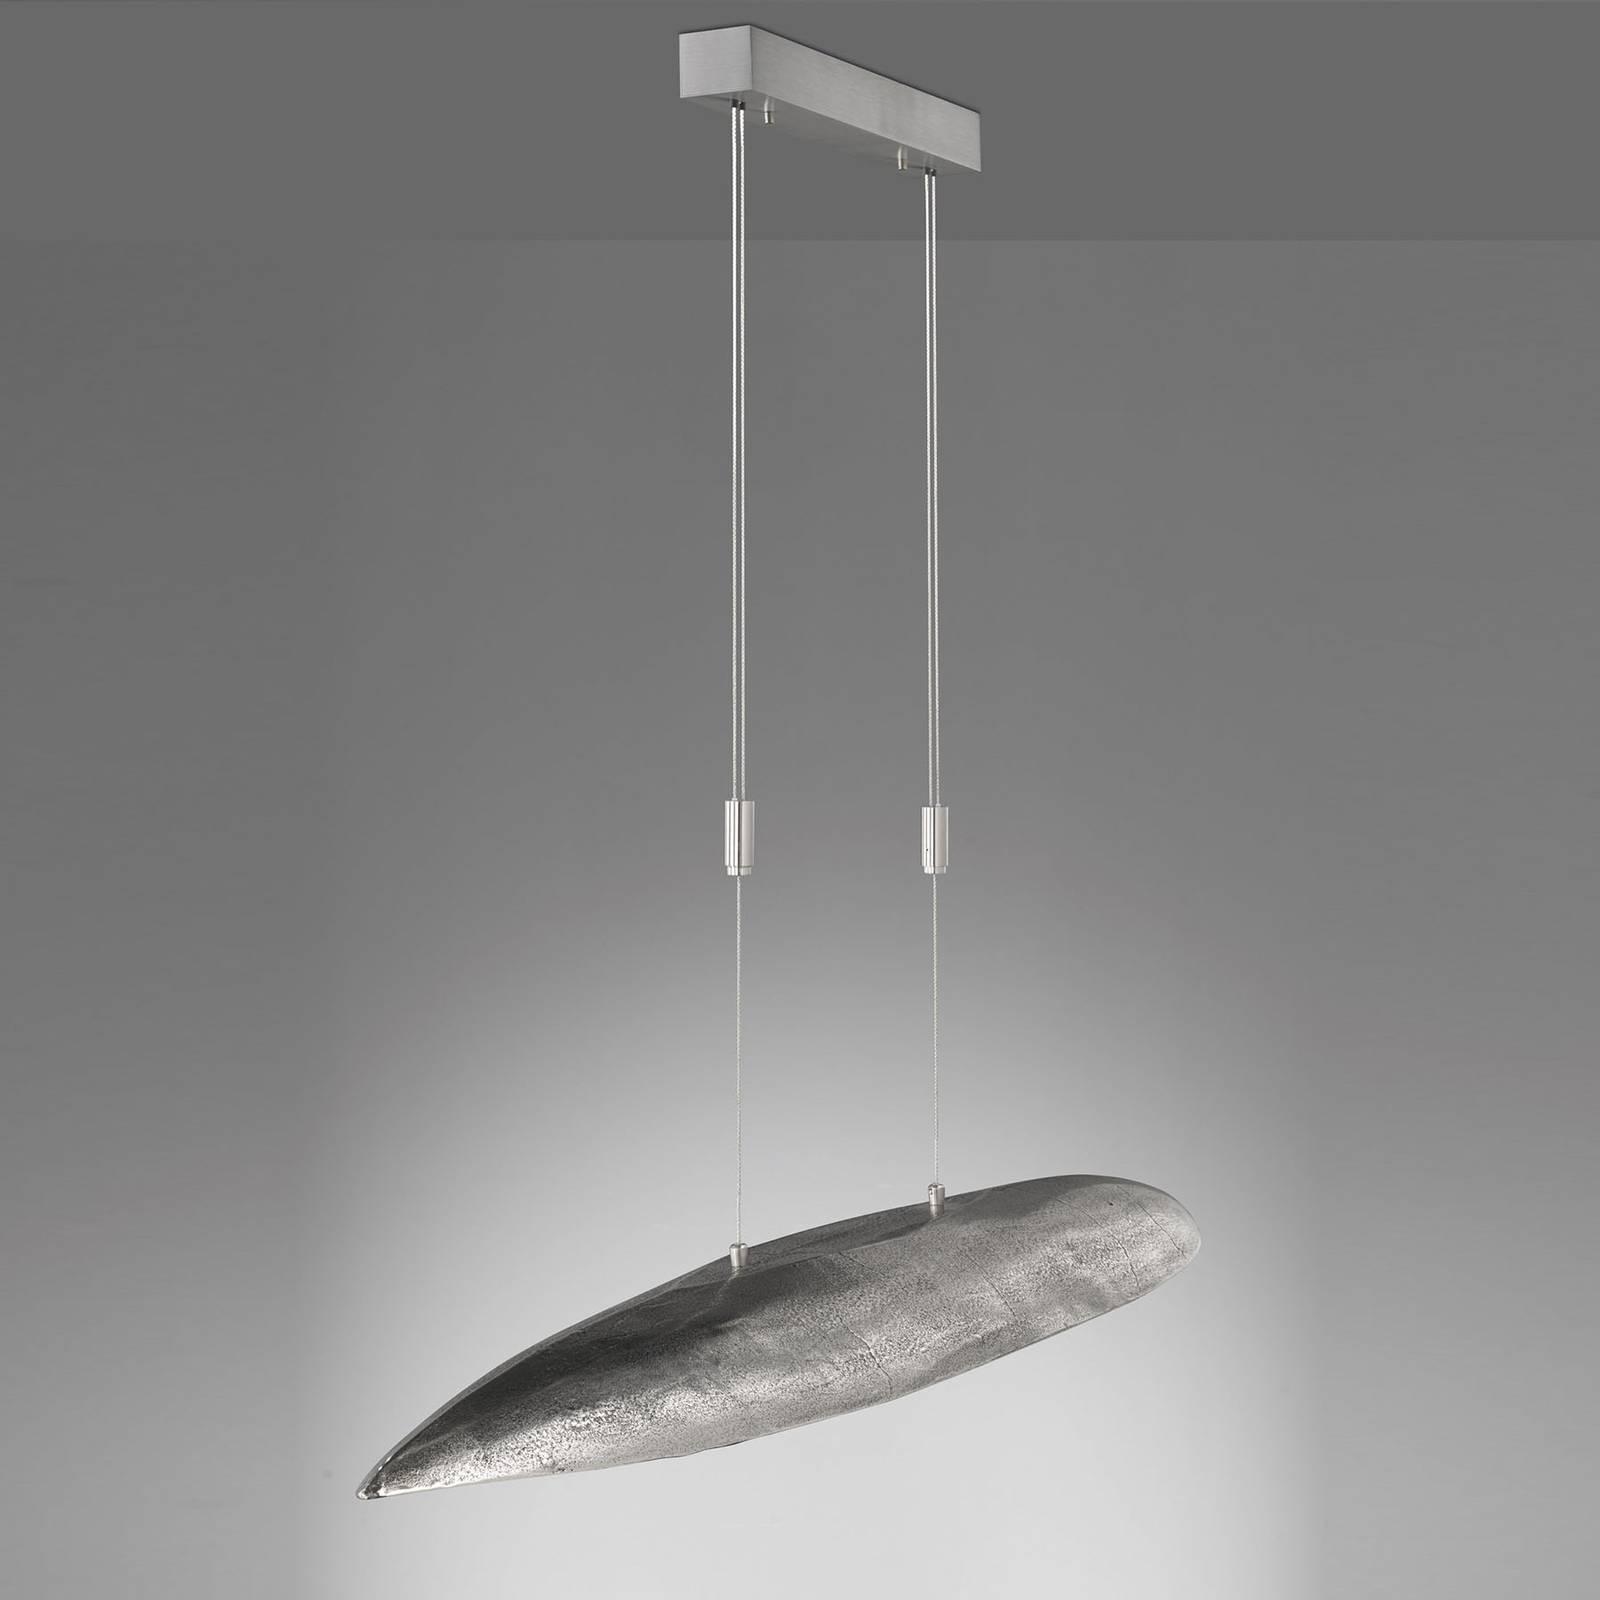 Lampa wisząca LED Colmar, długość 140 cm, nikiel